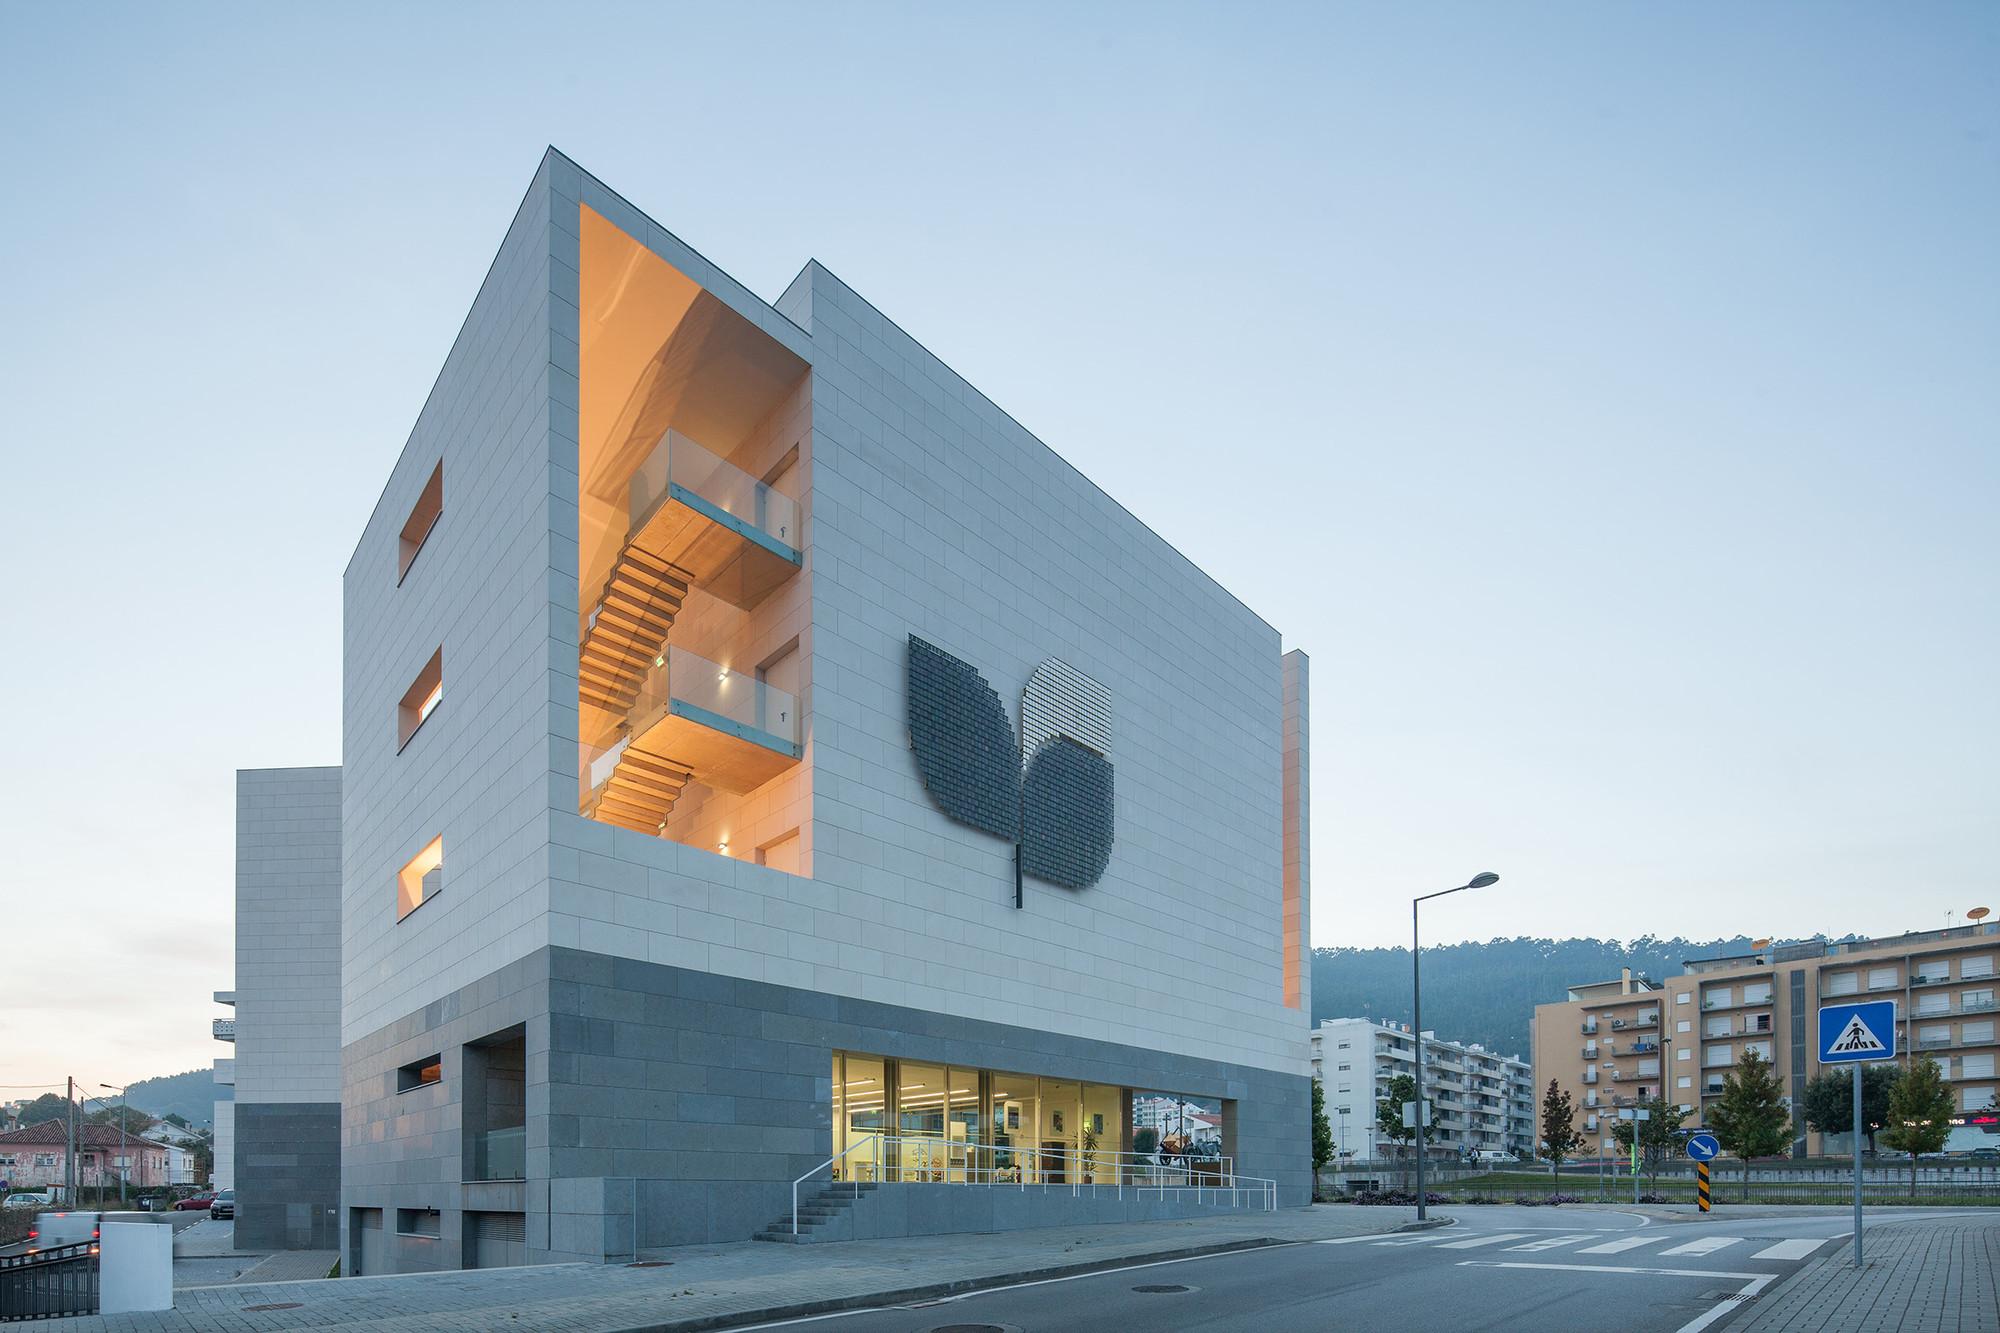 CA Crédito Agrícola / Marques Franco Arquitectos, © José Campos Architectural Photography